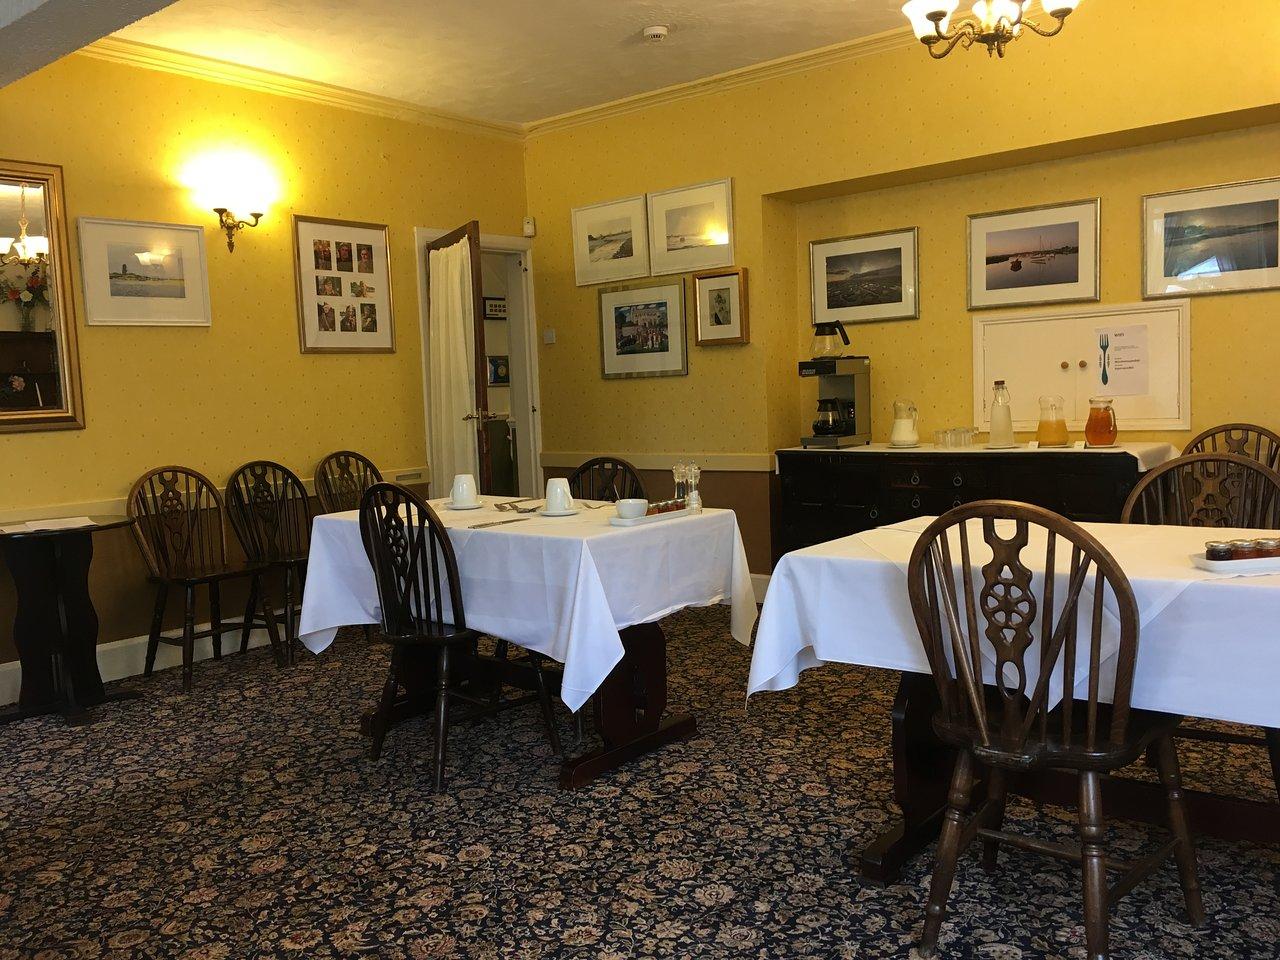 wereham house hotel: bewertungen, fotos & preisvergleich